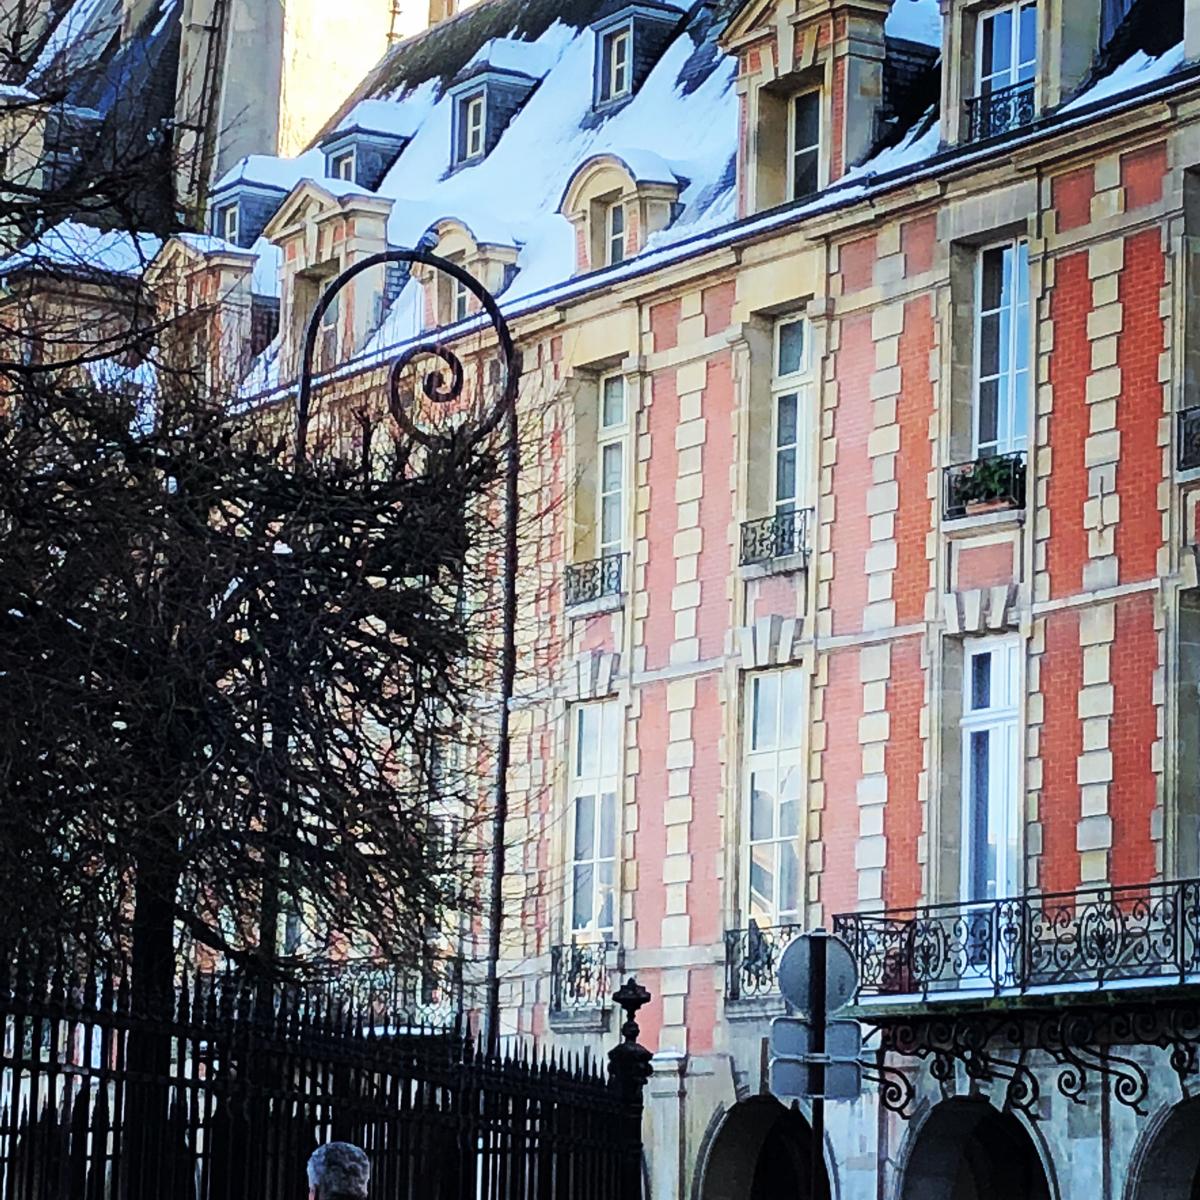 Paris in winter.